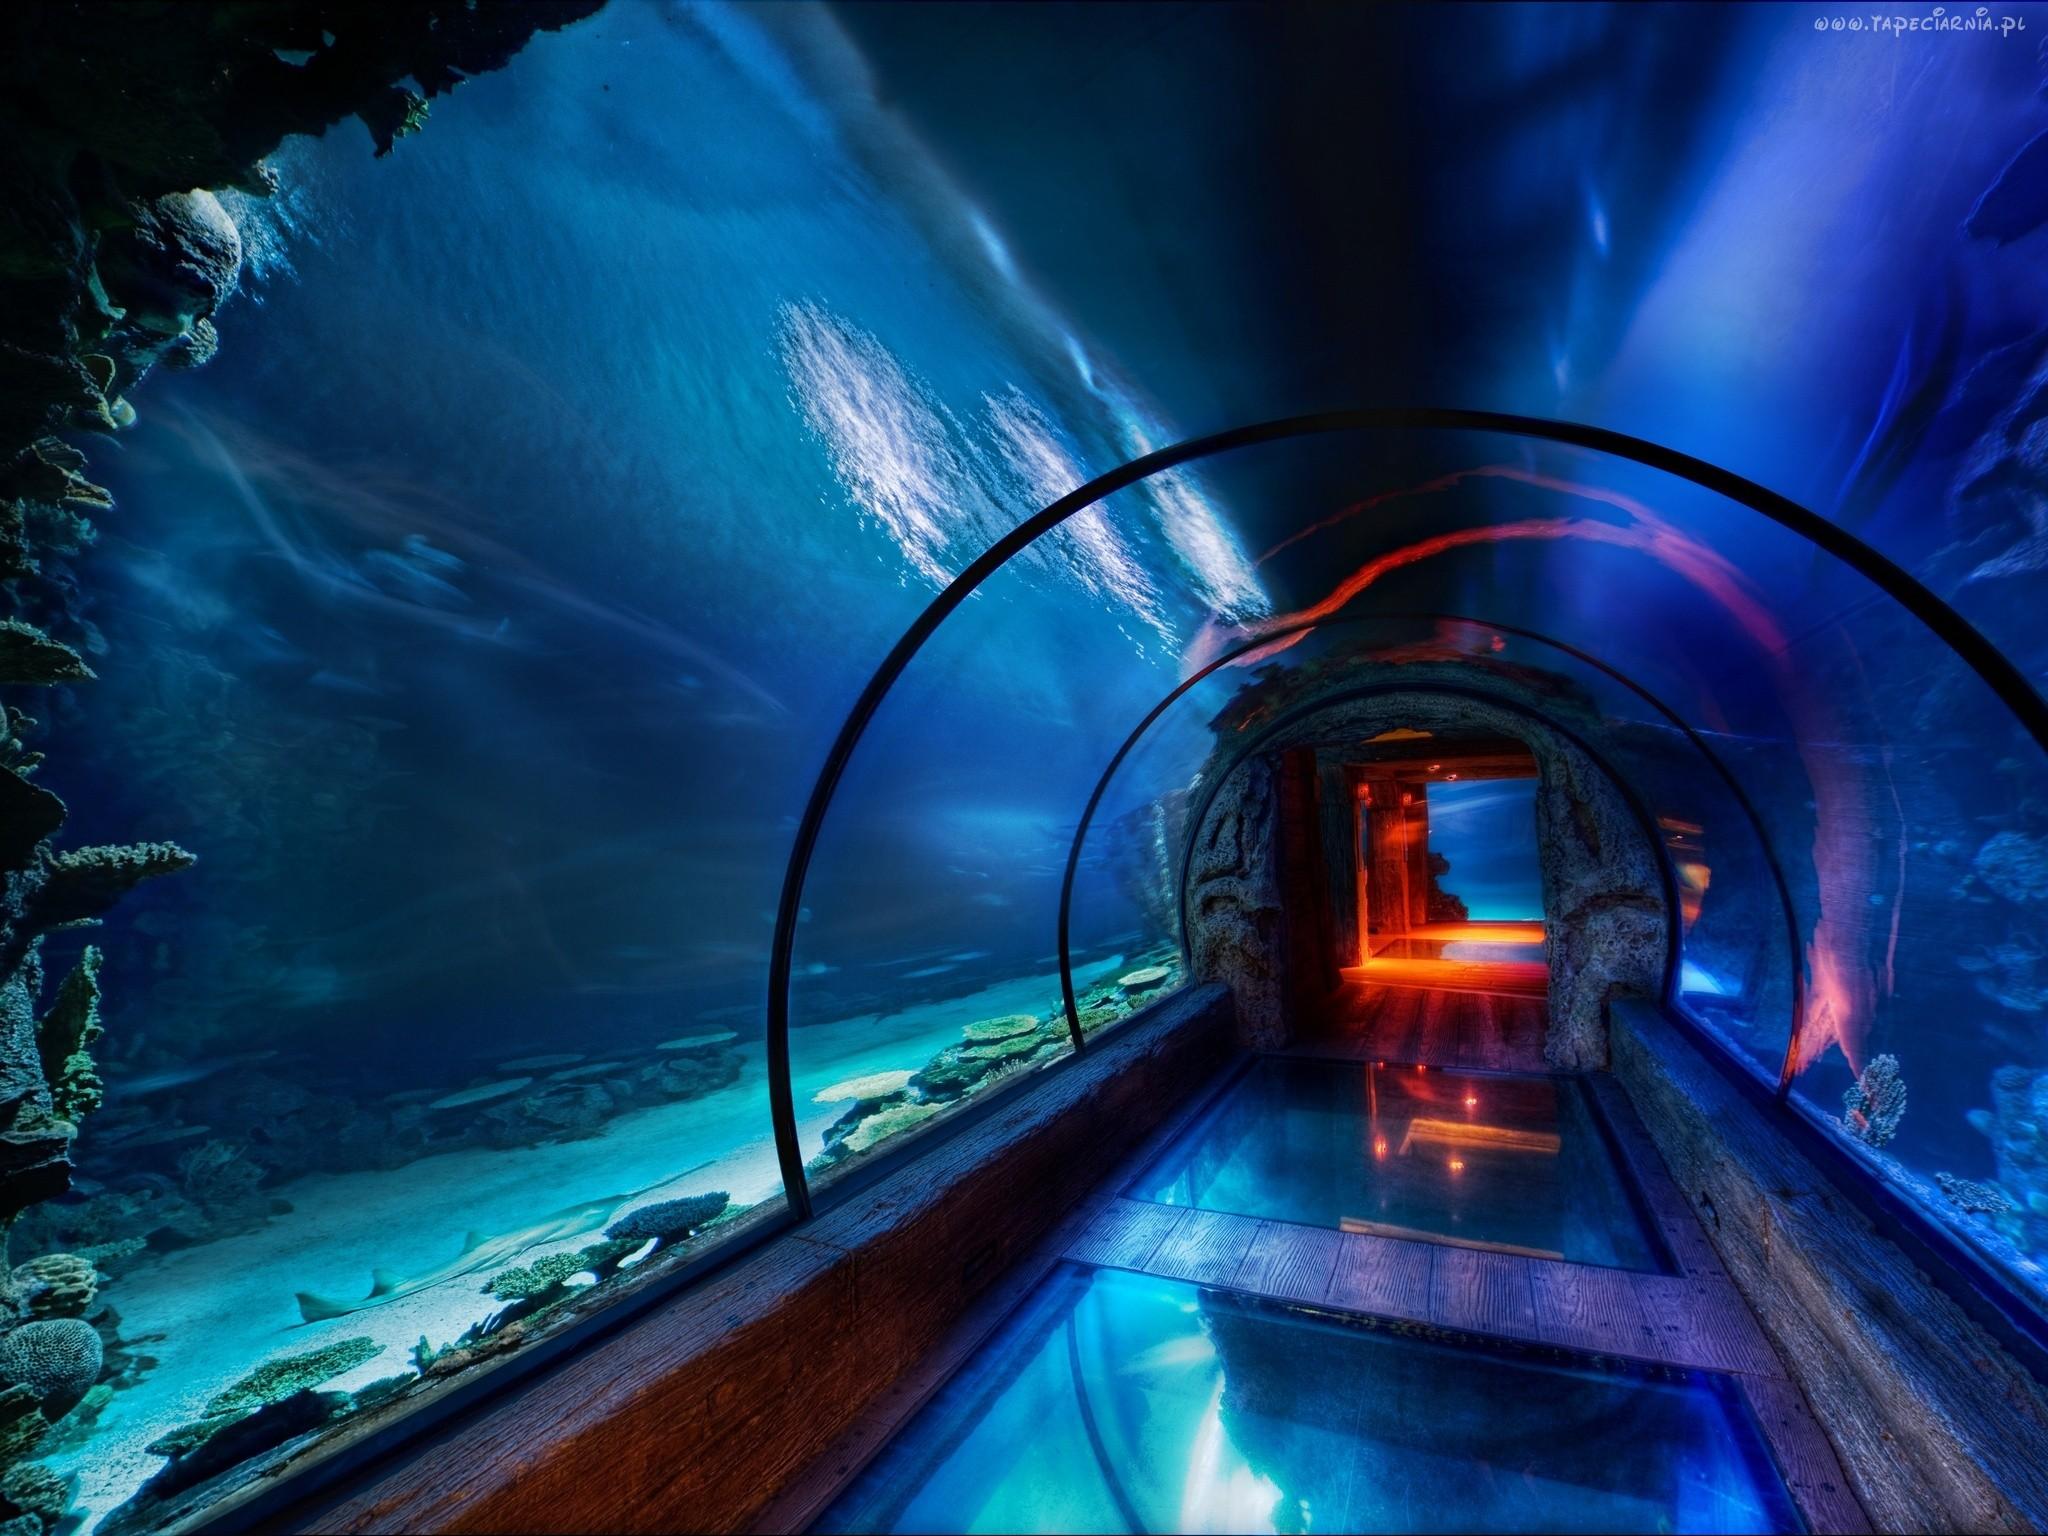 Co warto zwiedzić w Gdyni - akwarium w Gdyni